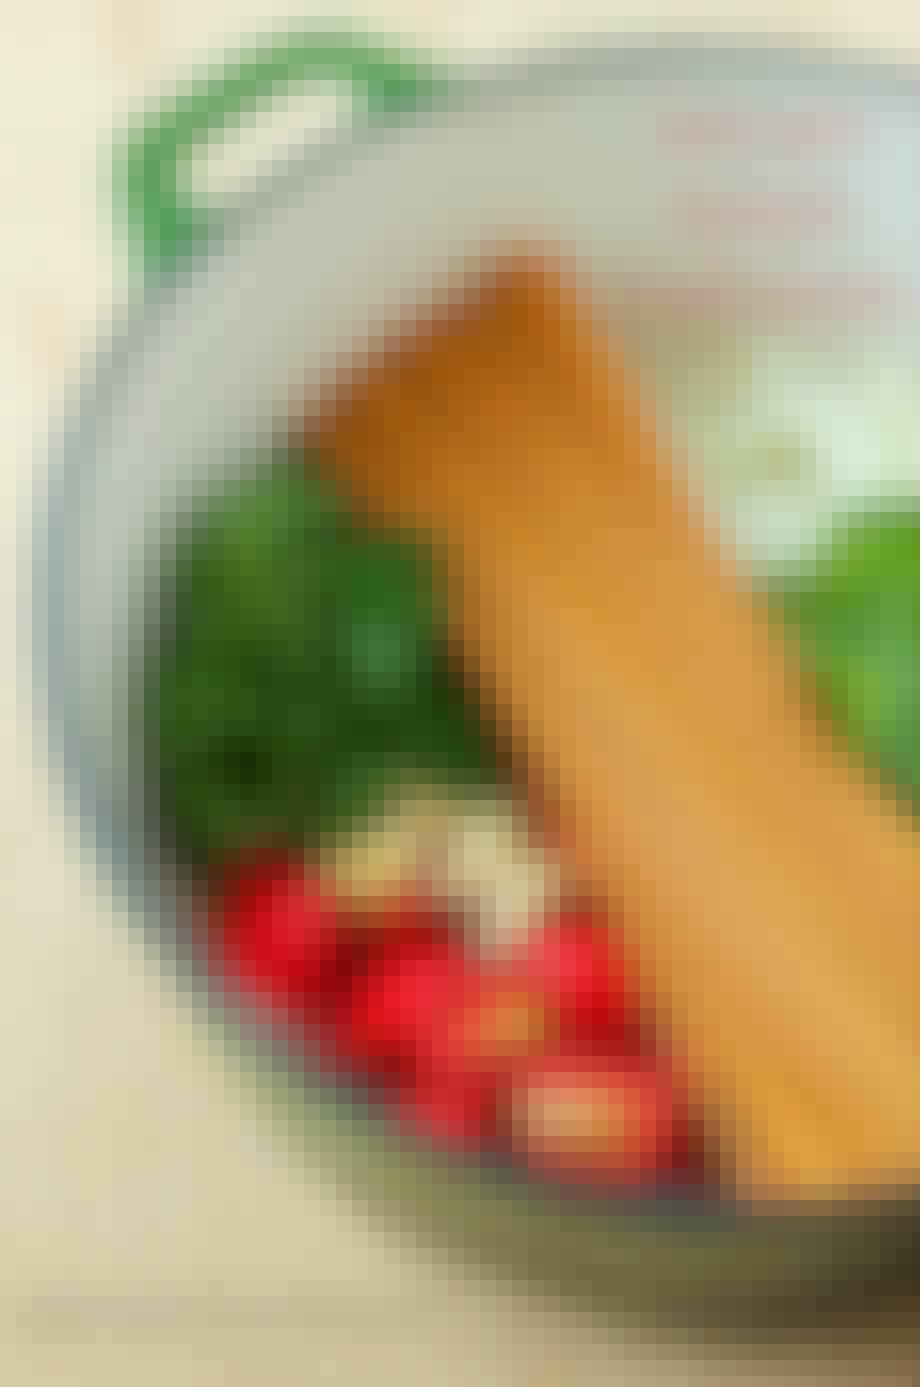 Lækker pastaret - alt i én gryde